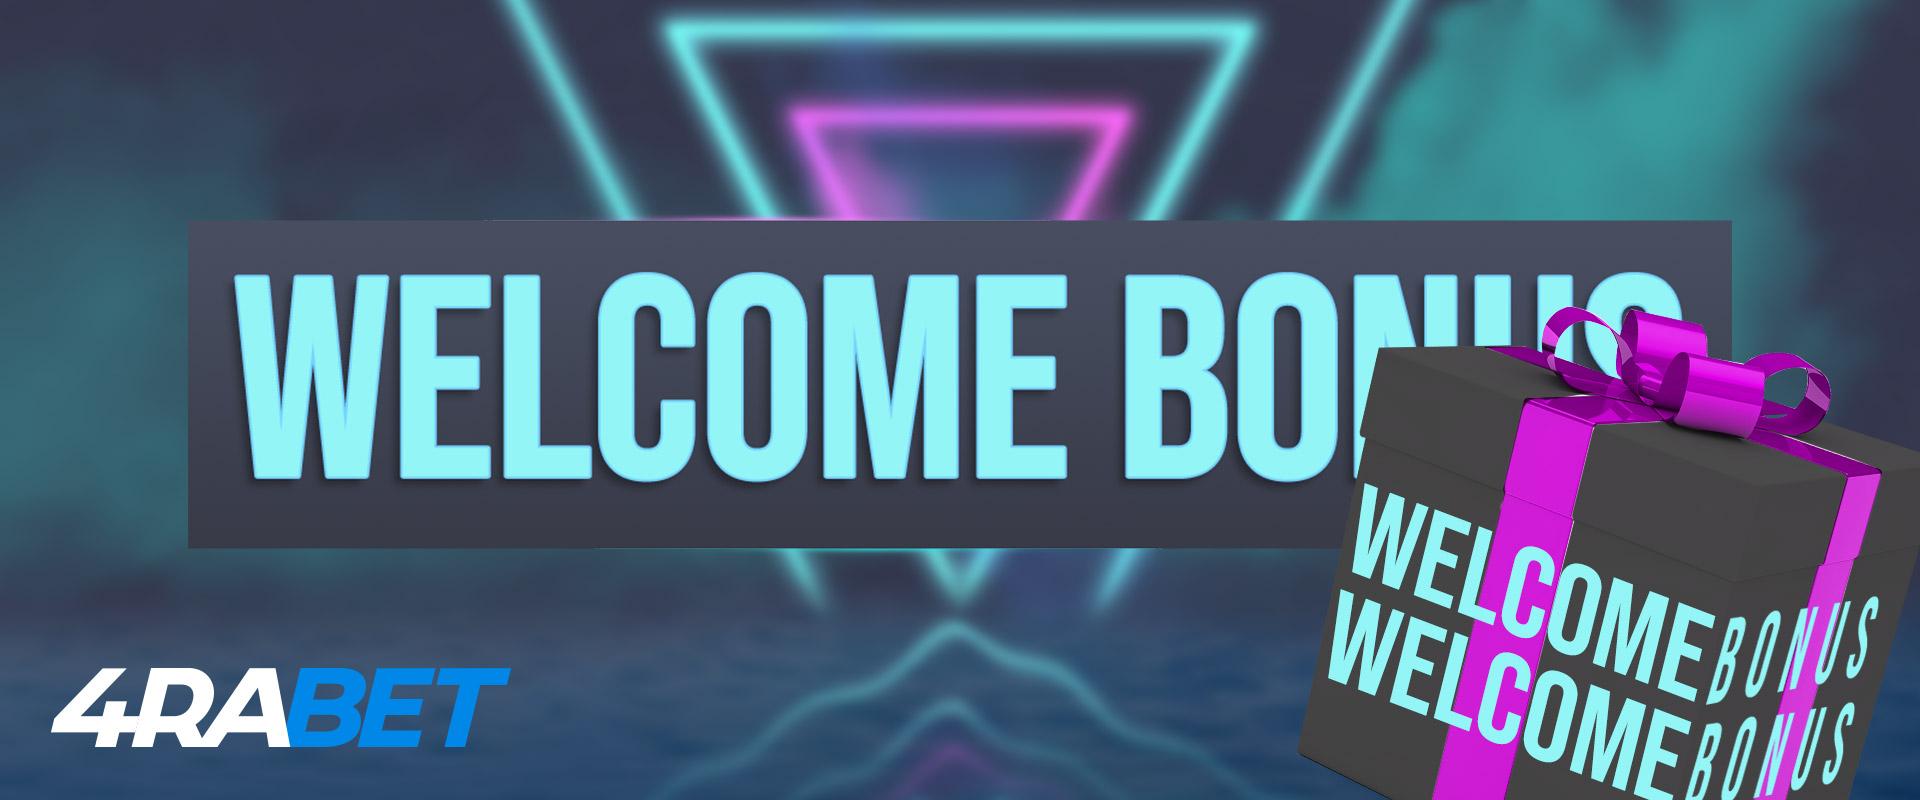 Welcome bonus in 4rabet.